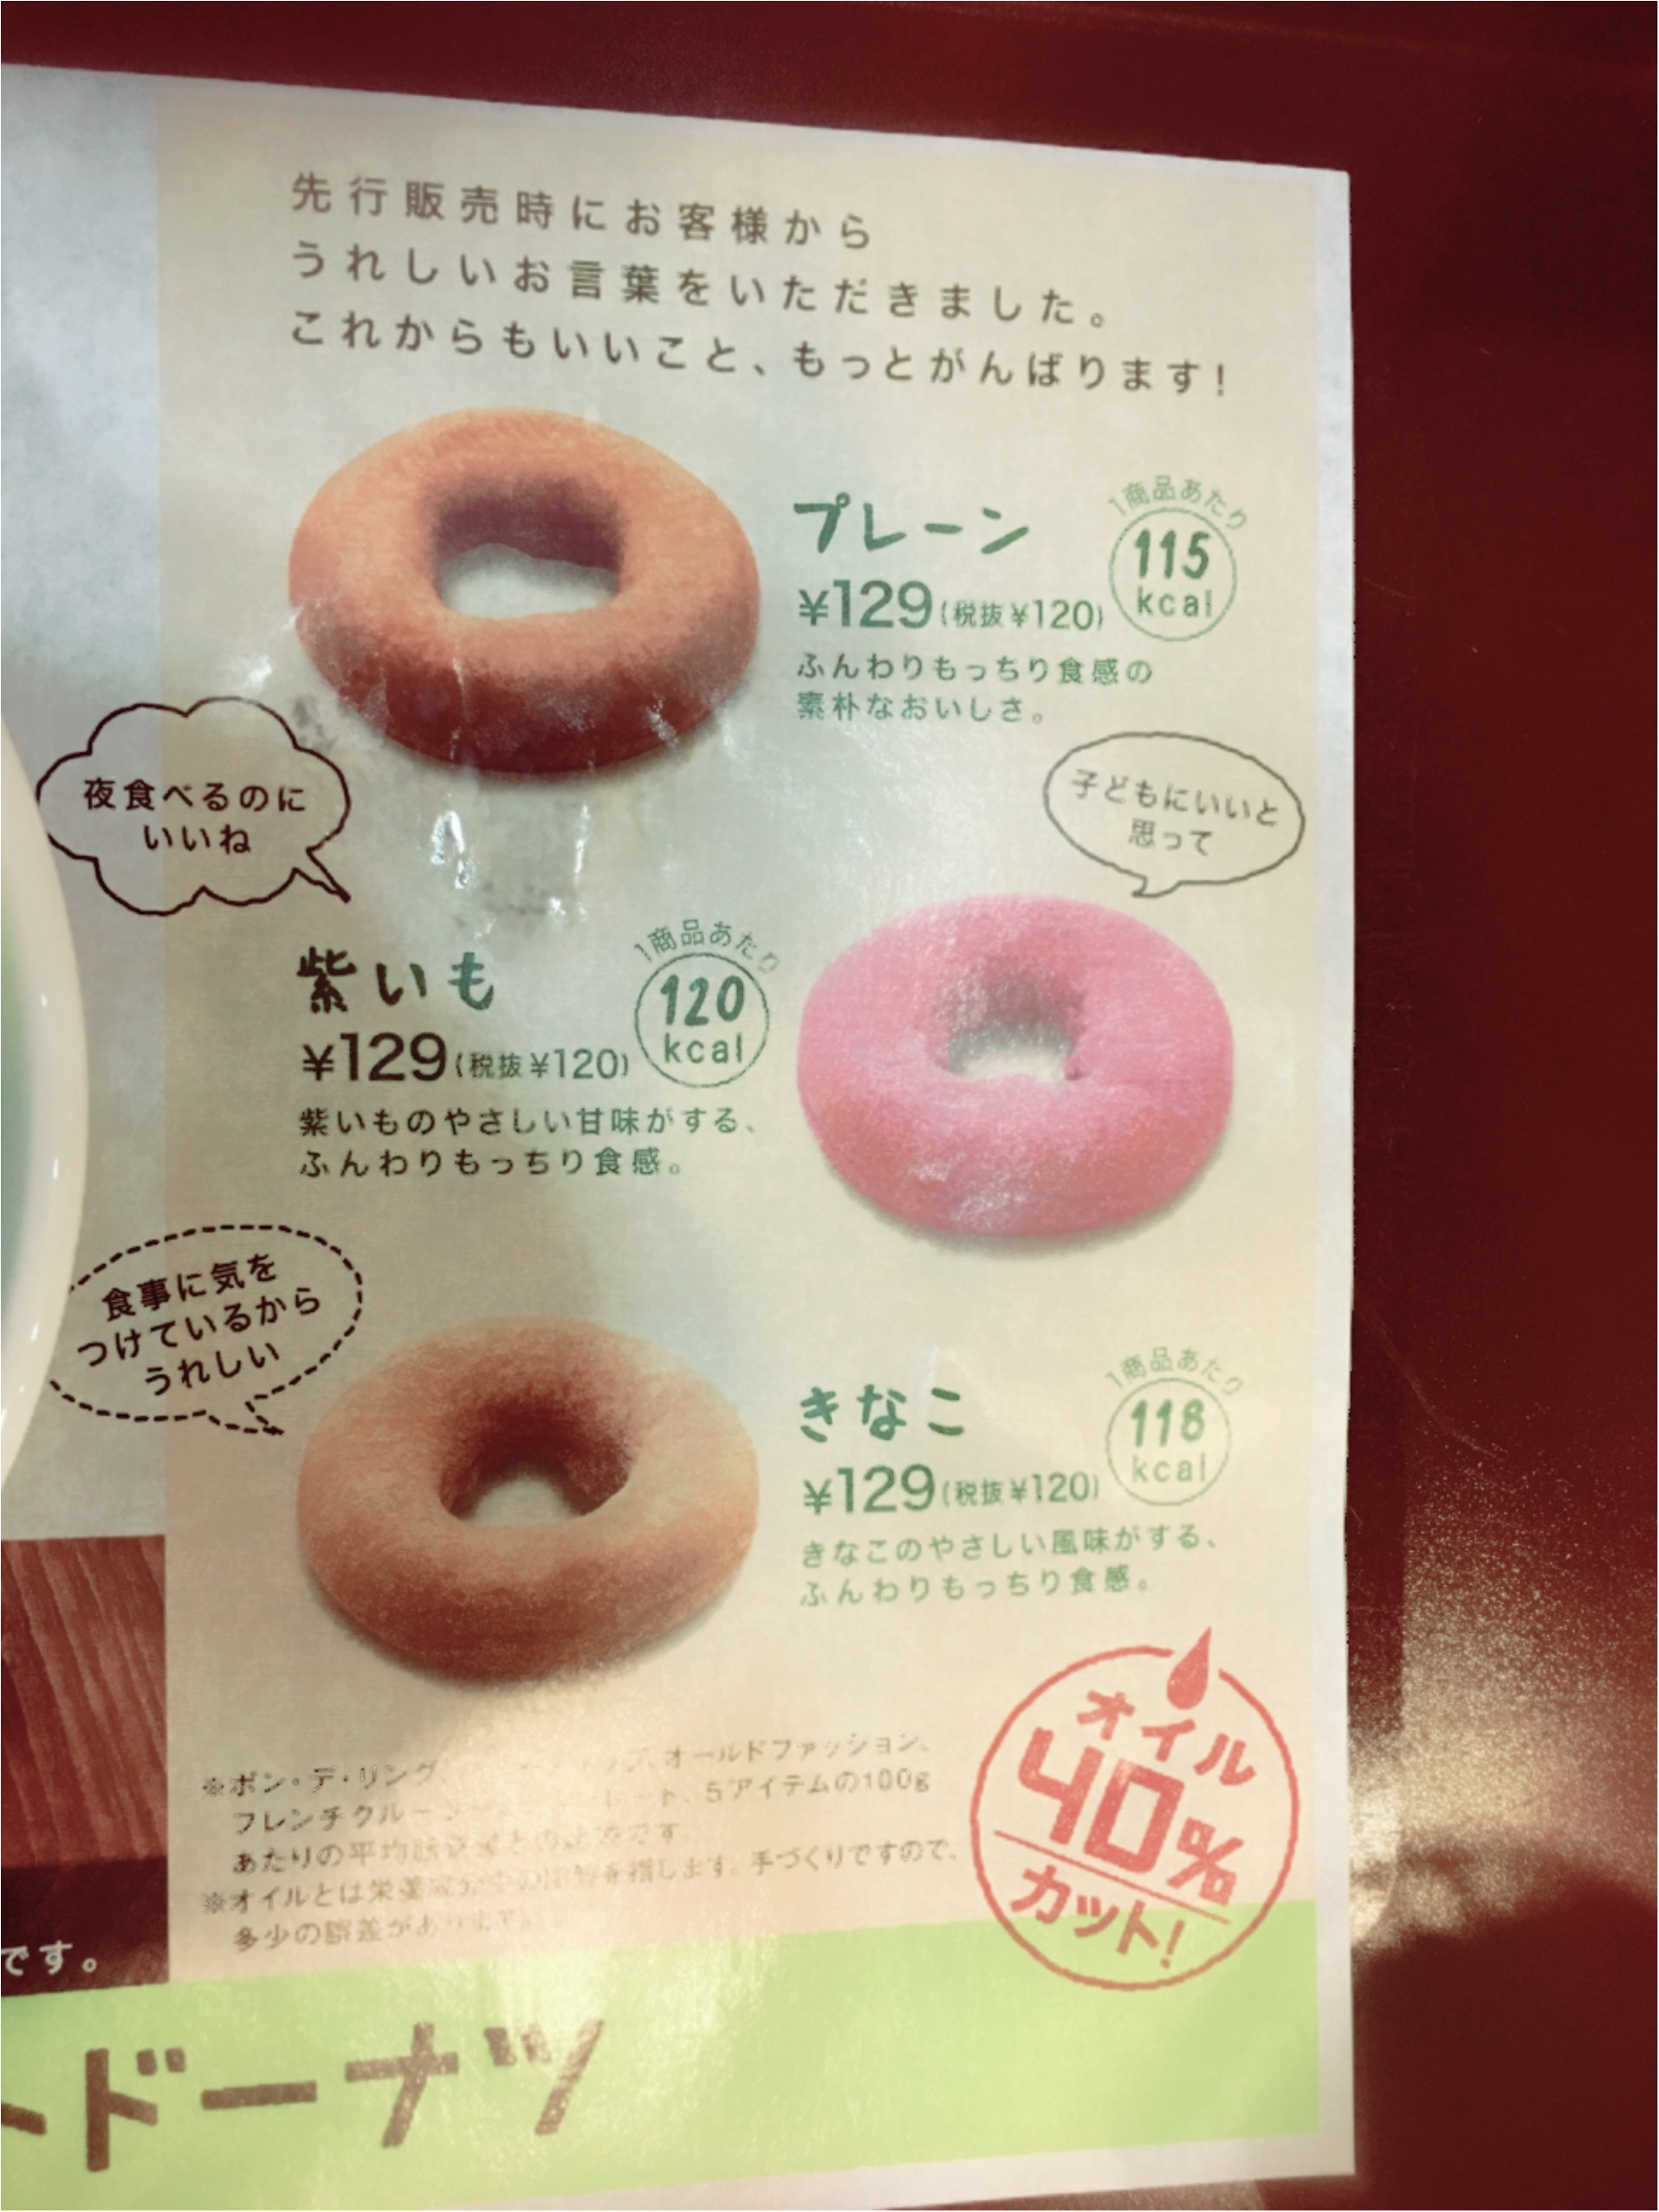 罪悪感なく食べられる!?ミスドにオイルカットドーナツが登場♡♡_3